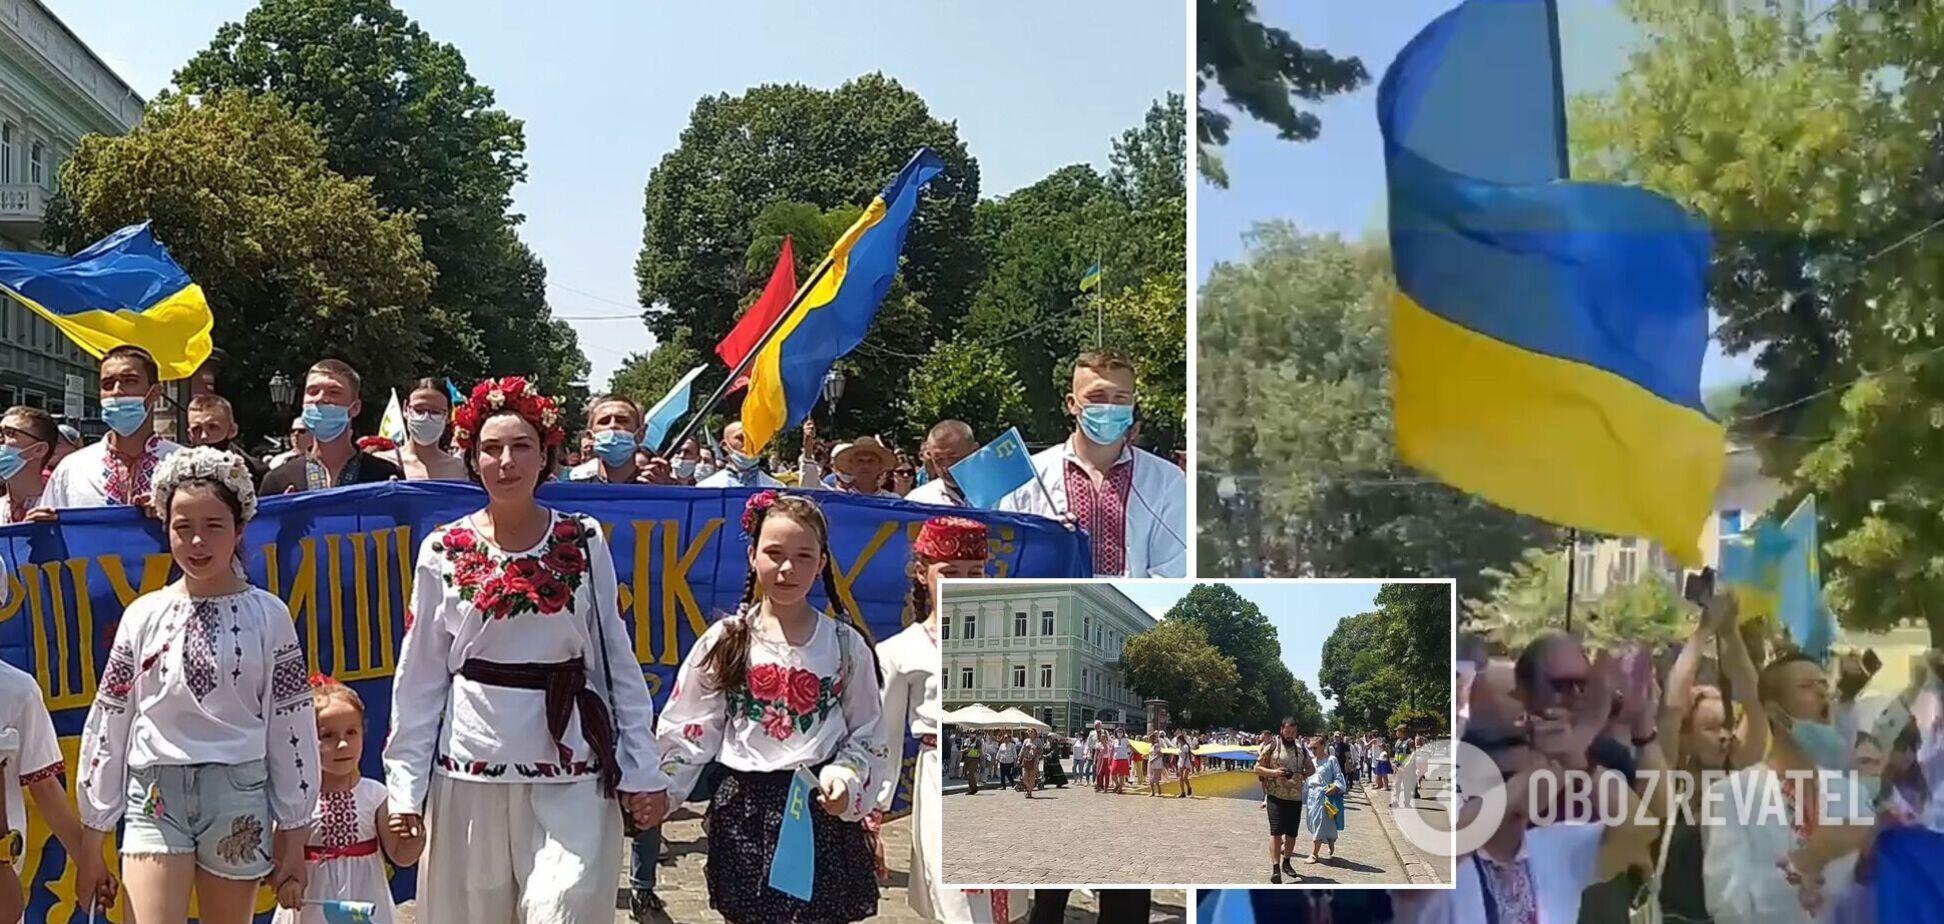 В Одессе состоялся мегамарш в вышиванках. Фото и видео